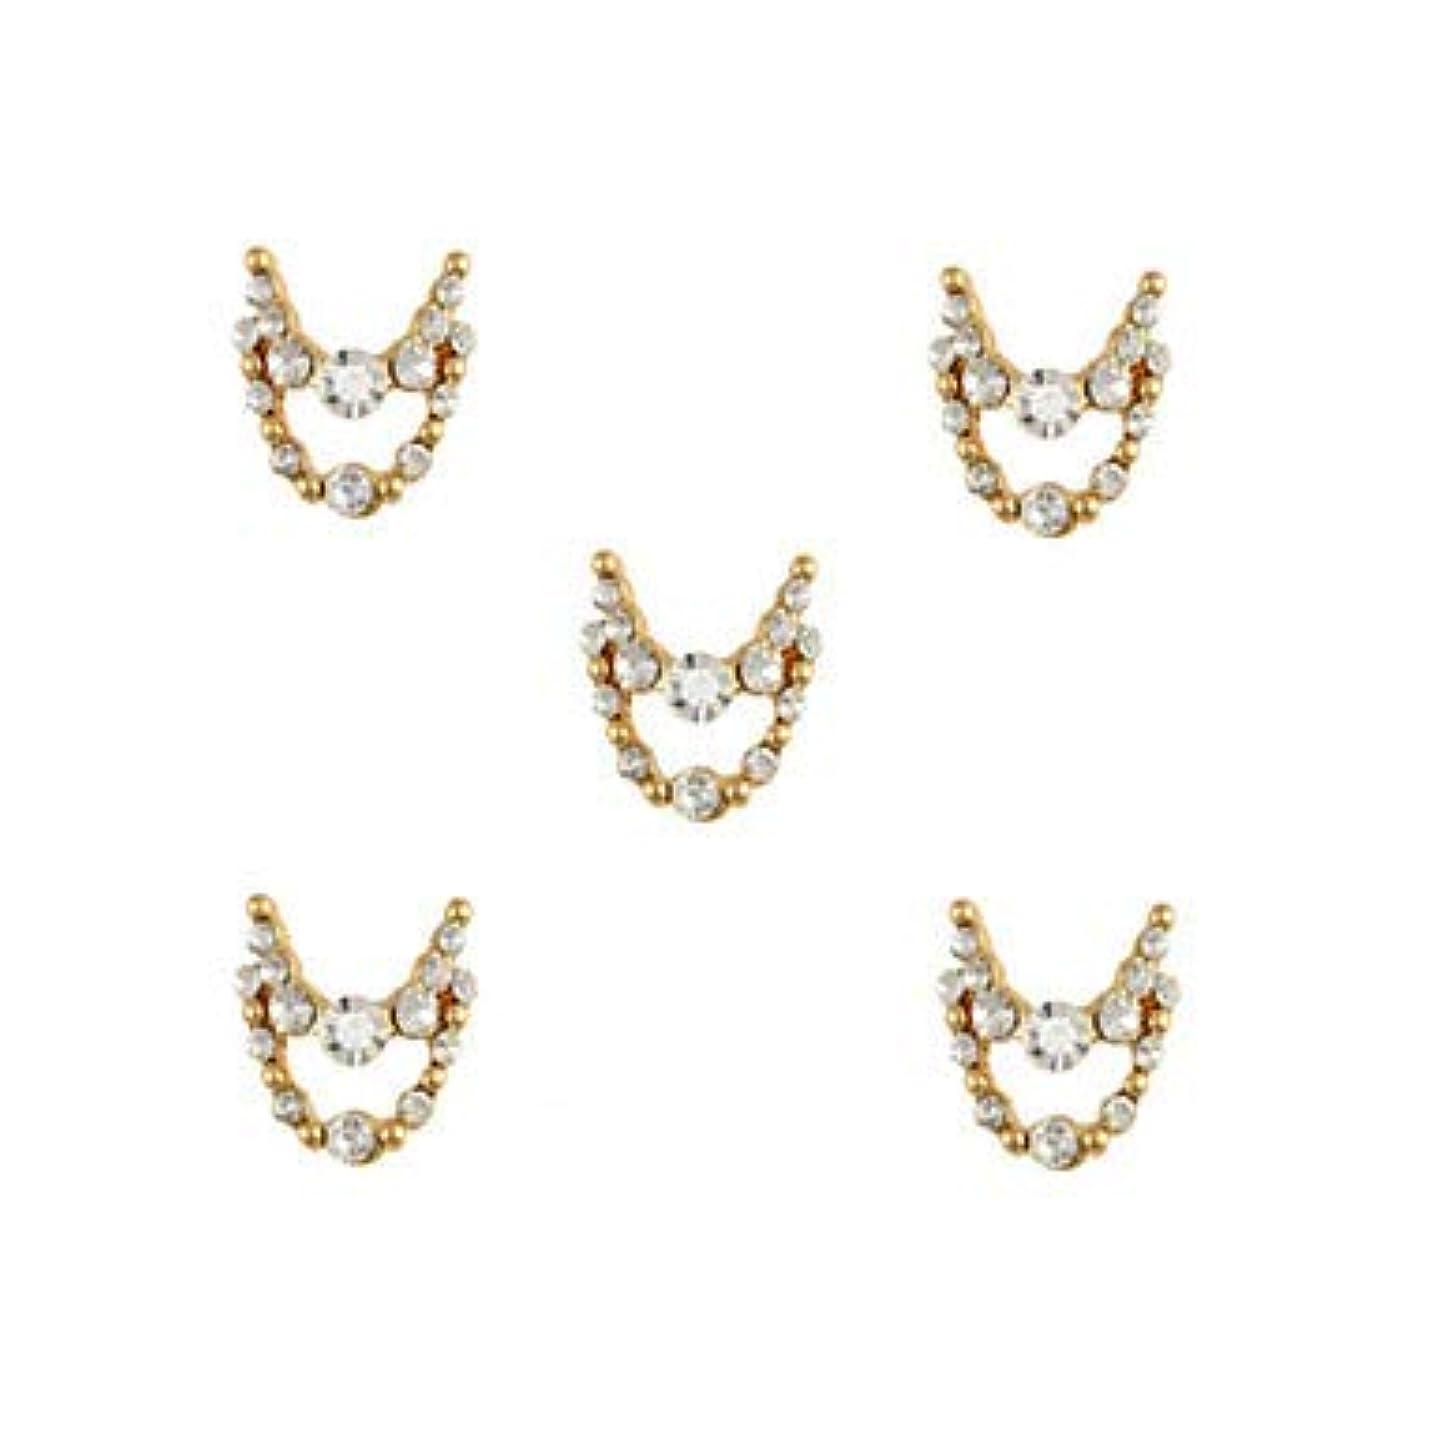 腫瘍指導するベジタリアン明確なラインストーン3dチャーム合金ネイルアートの装飾が付いている10個入りゴールドネックレスブラブラ